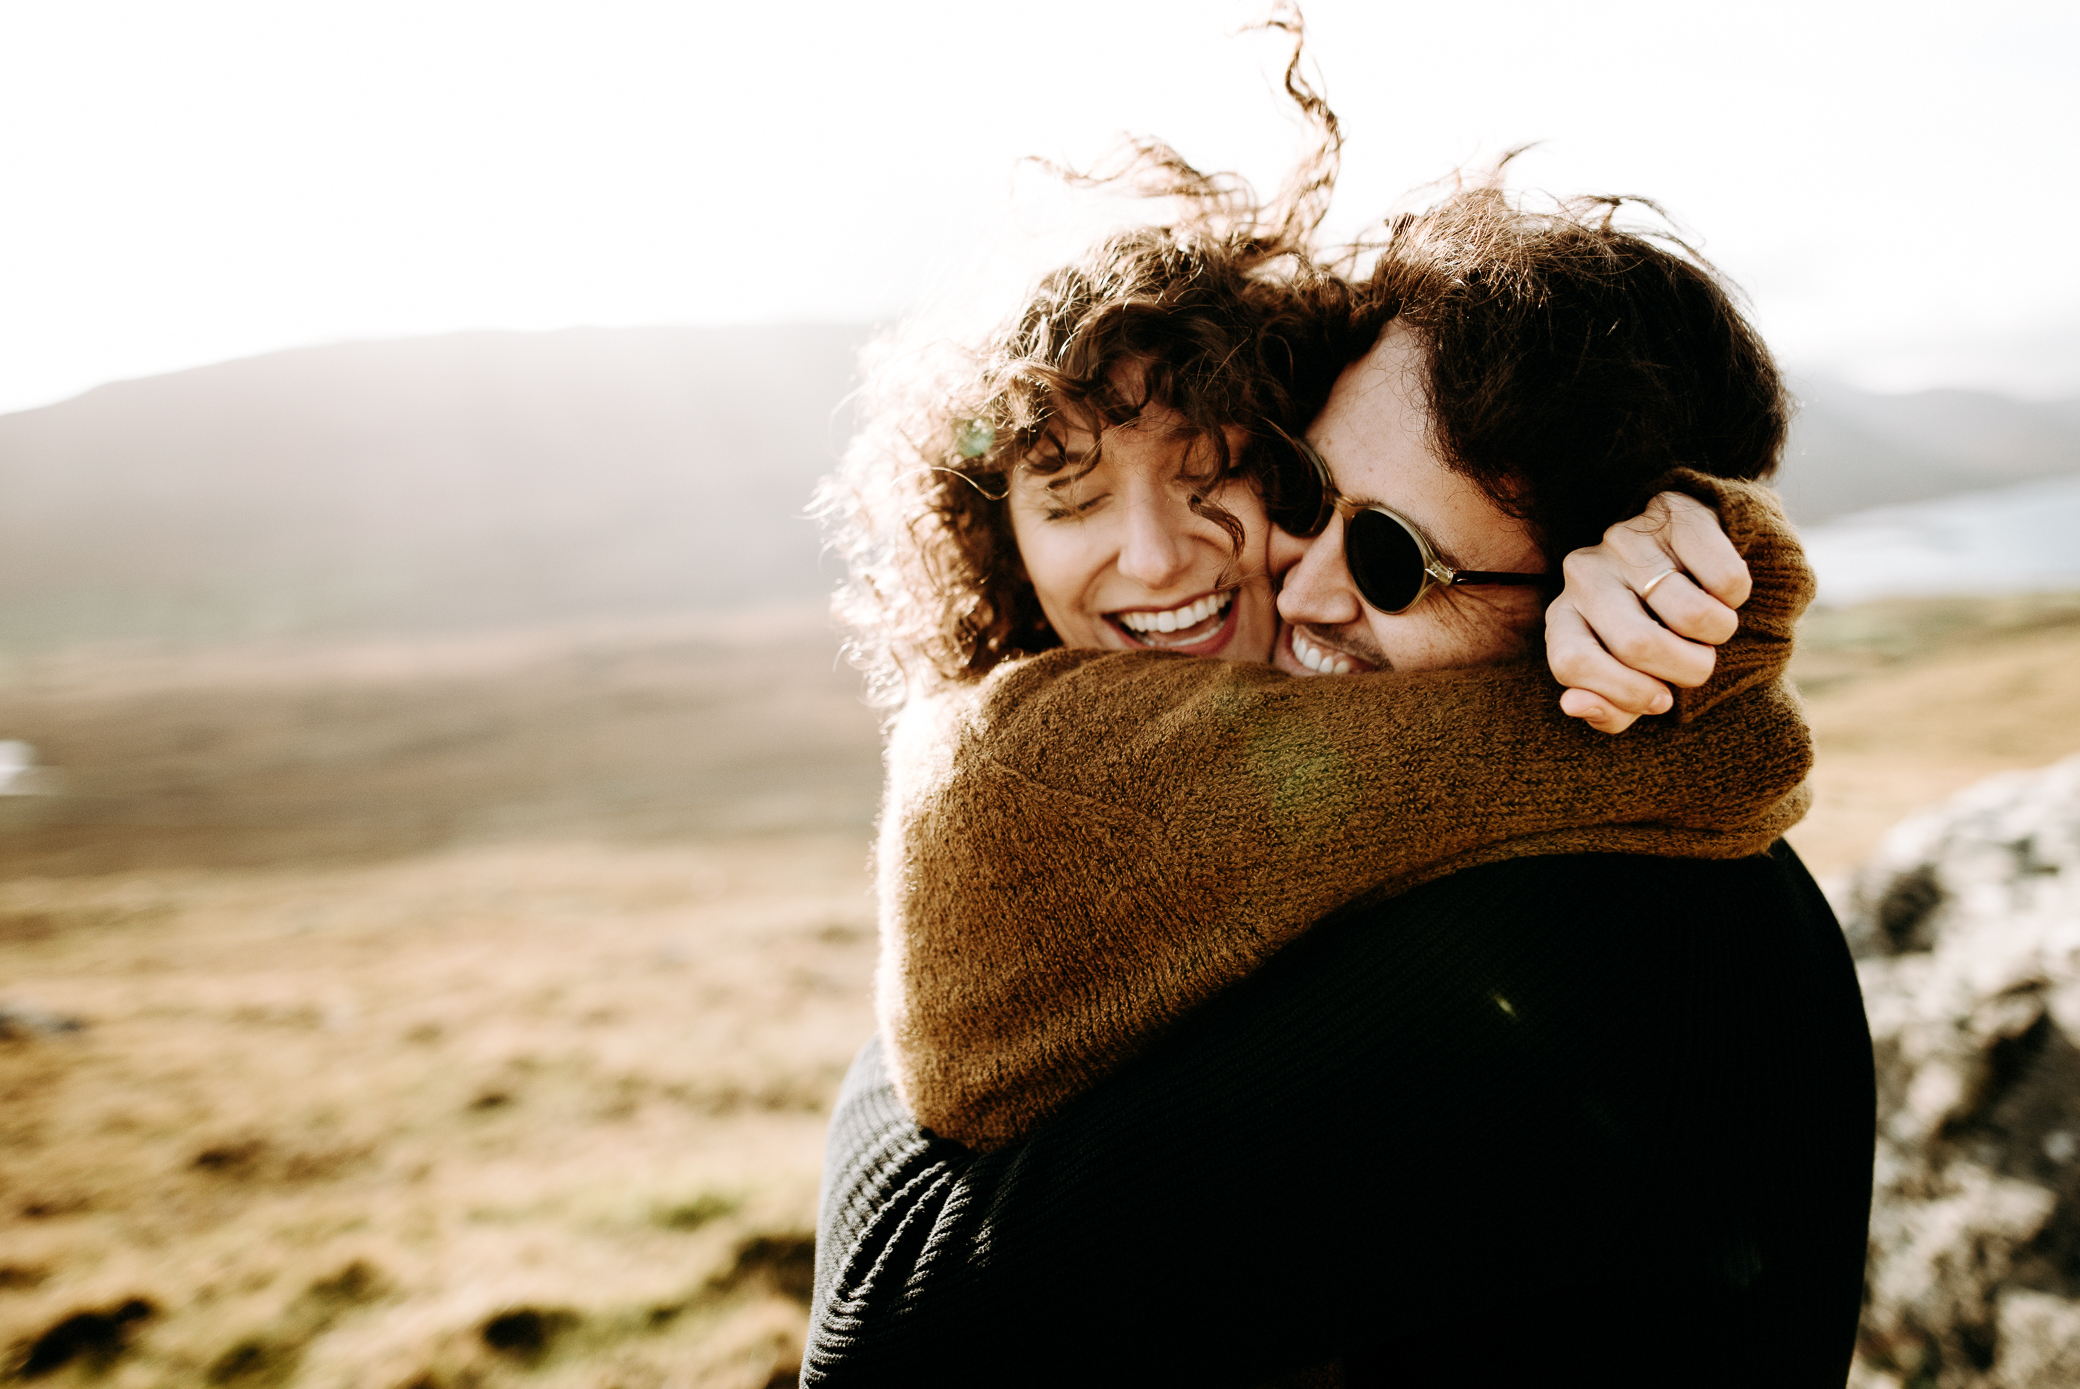 Meiry&Nic_Elopetoireland-18.jpg